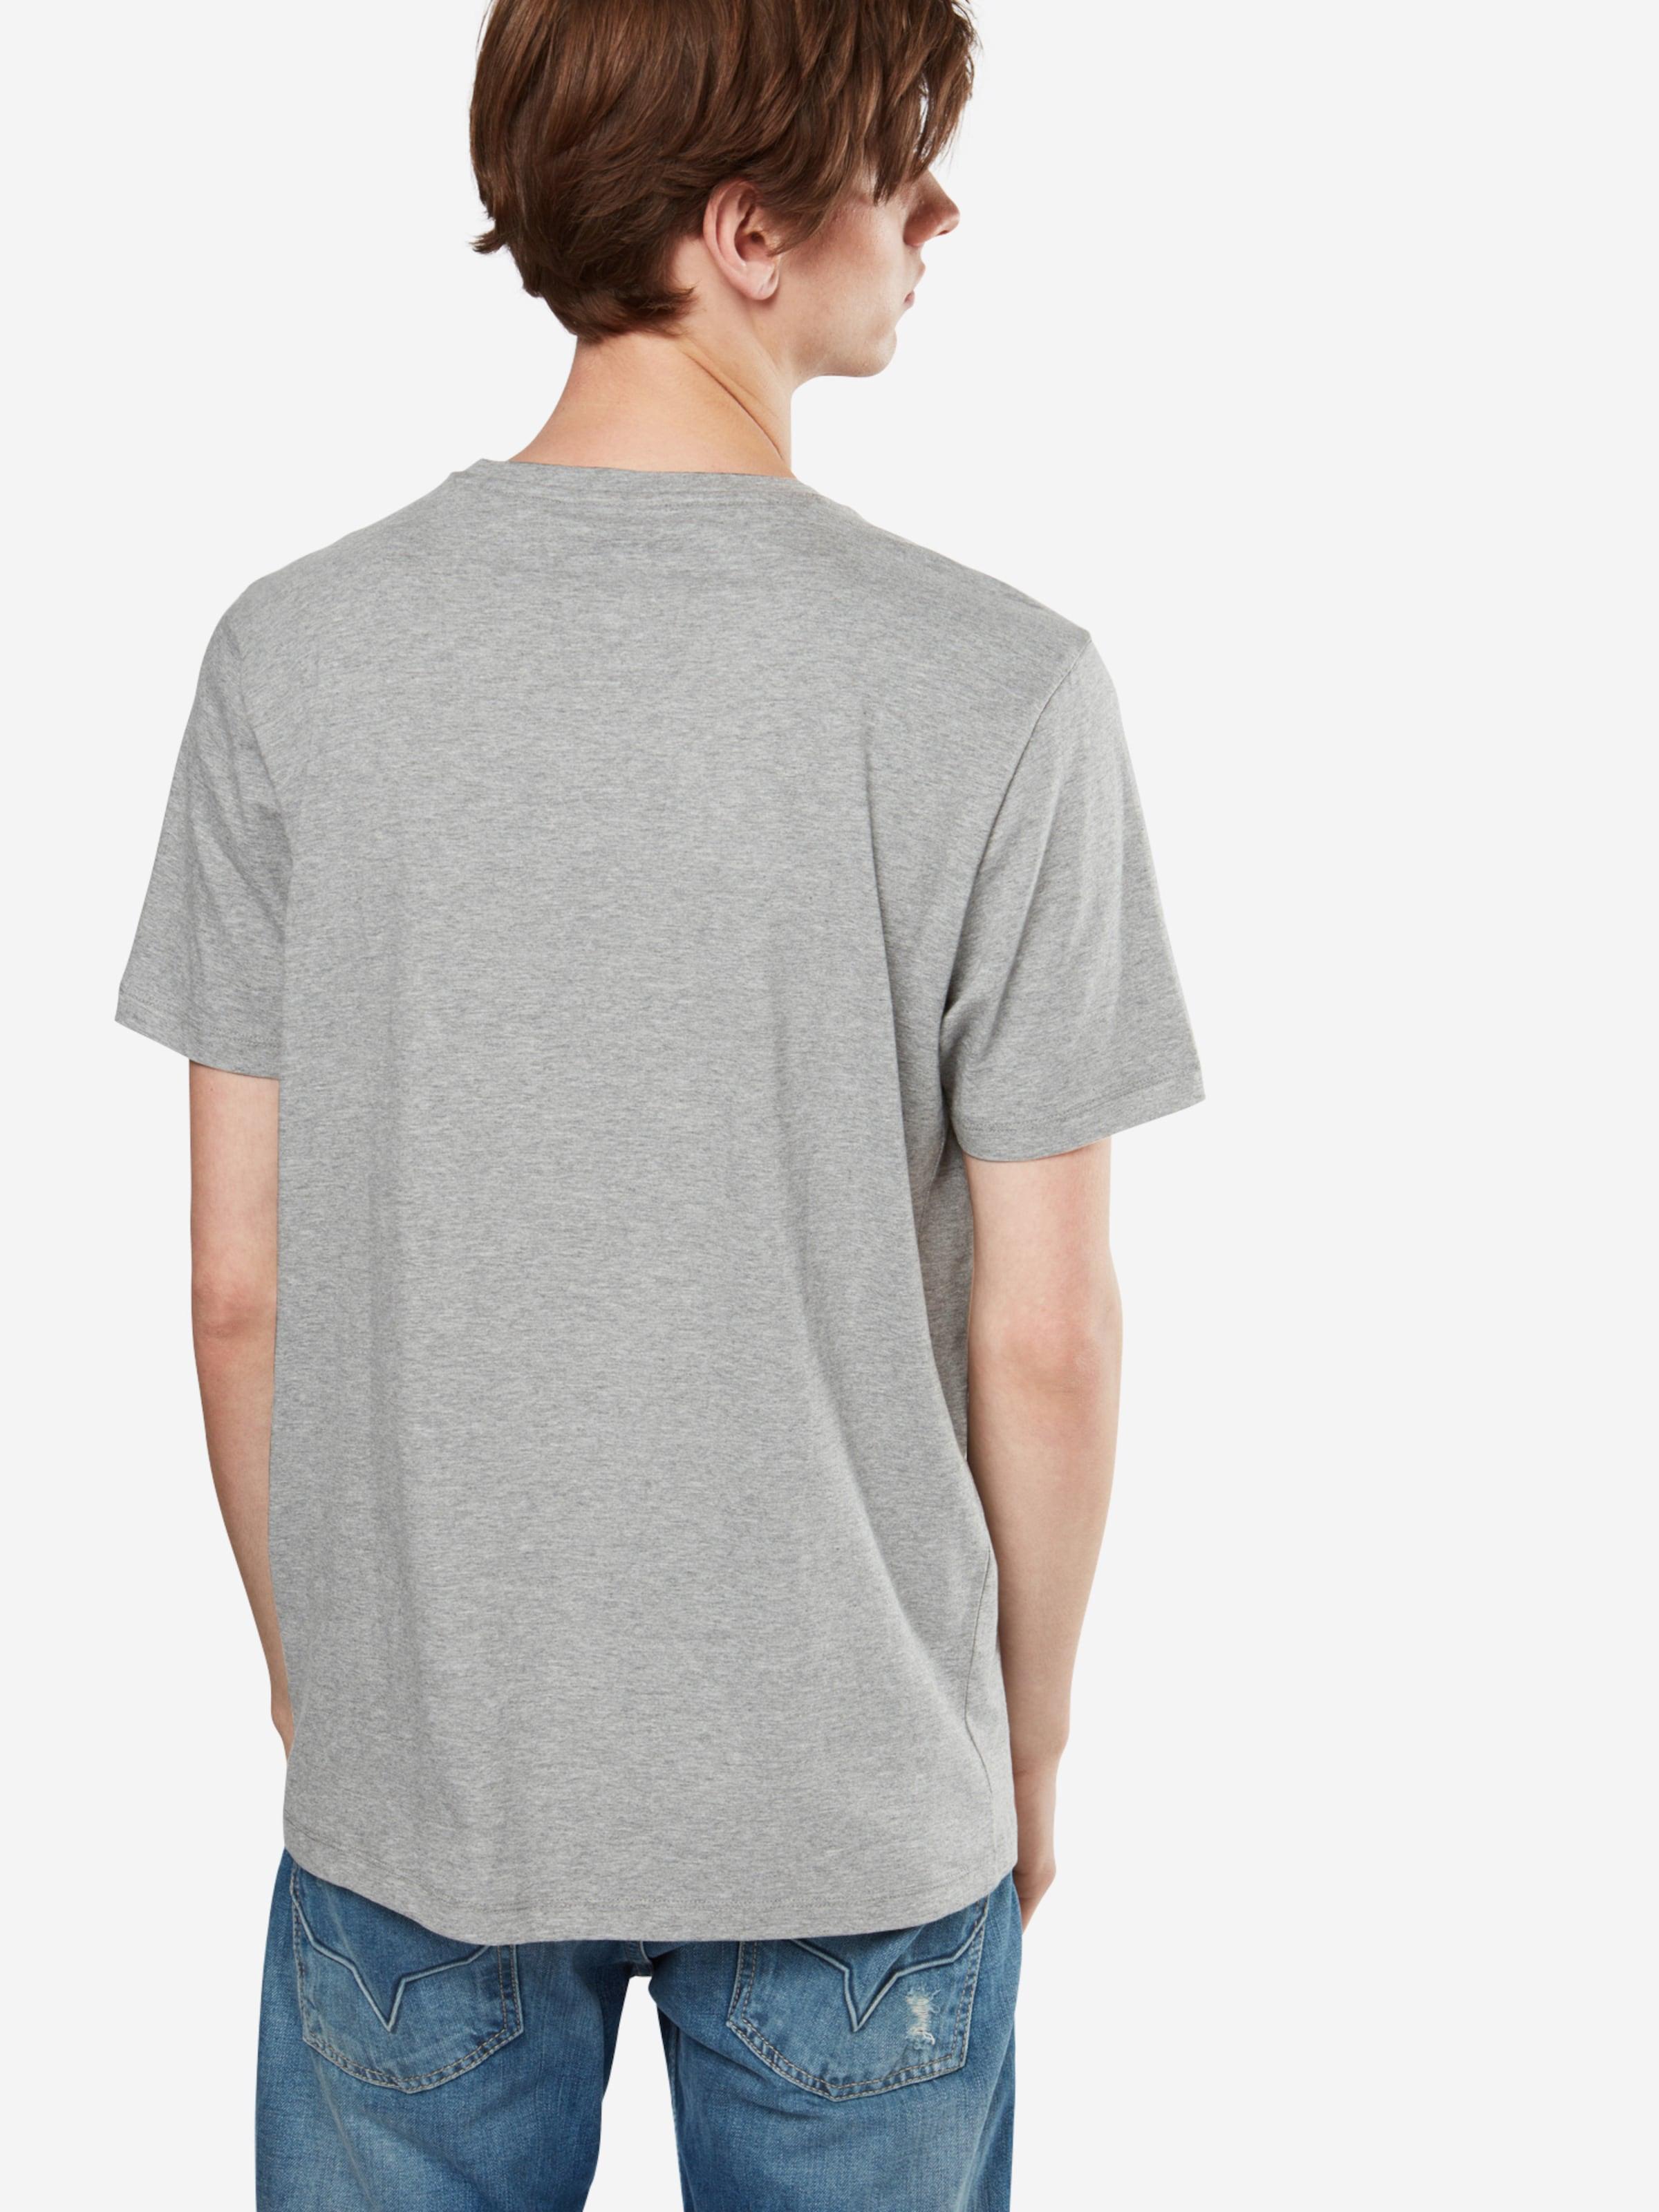 Online-Shopping-Original Rabatt Erschwinglich HUGO Basic Tee 'Dero' 2018 Neue Verkauf Billig Rabatt Browse W1oQfXYbze